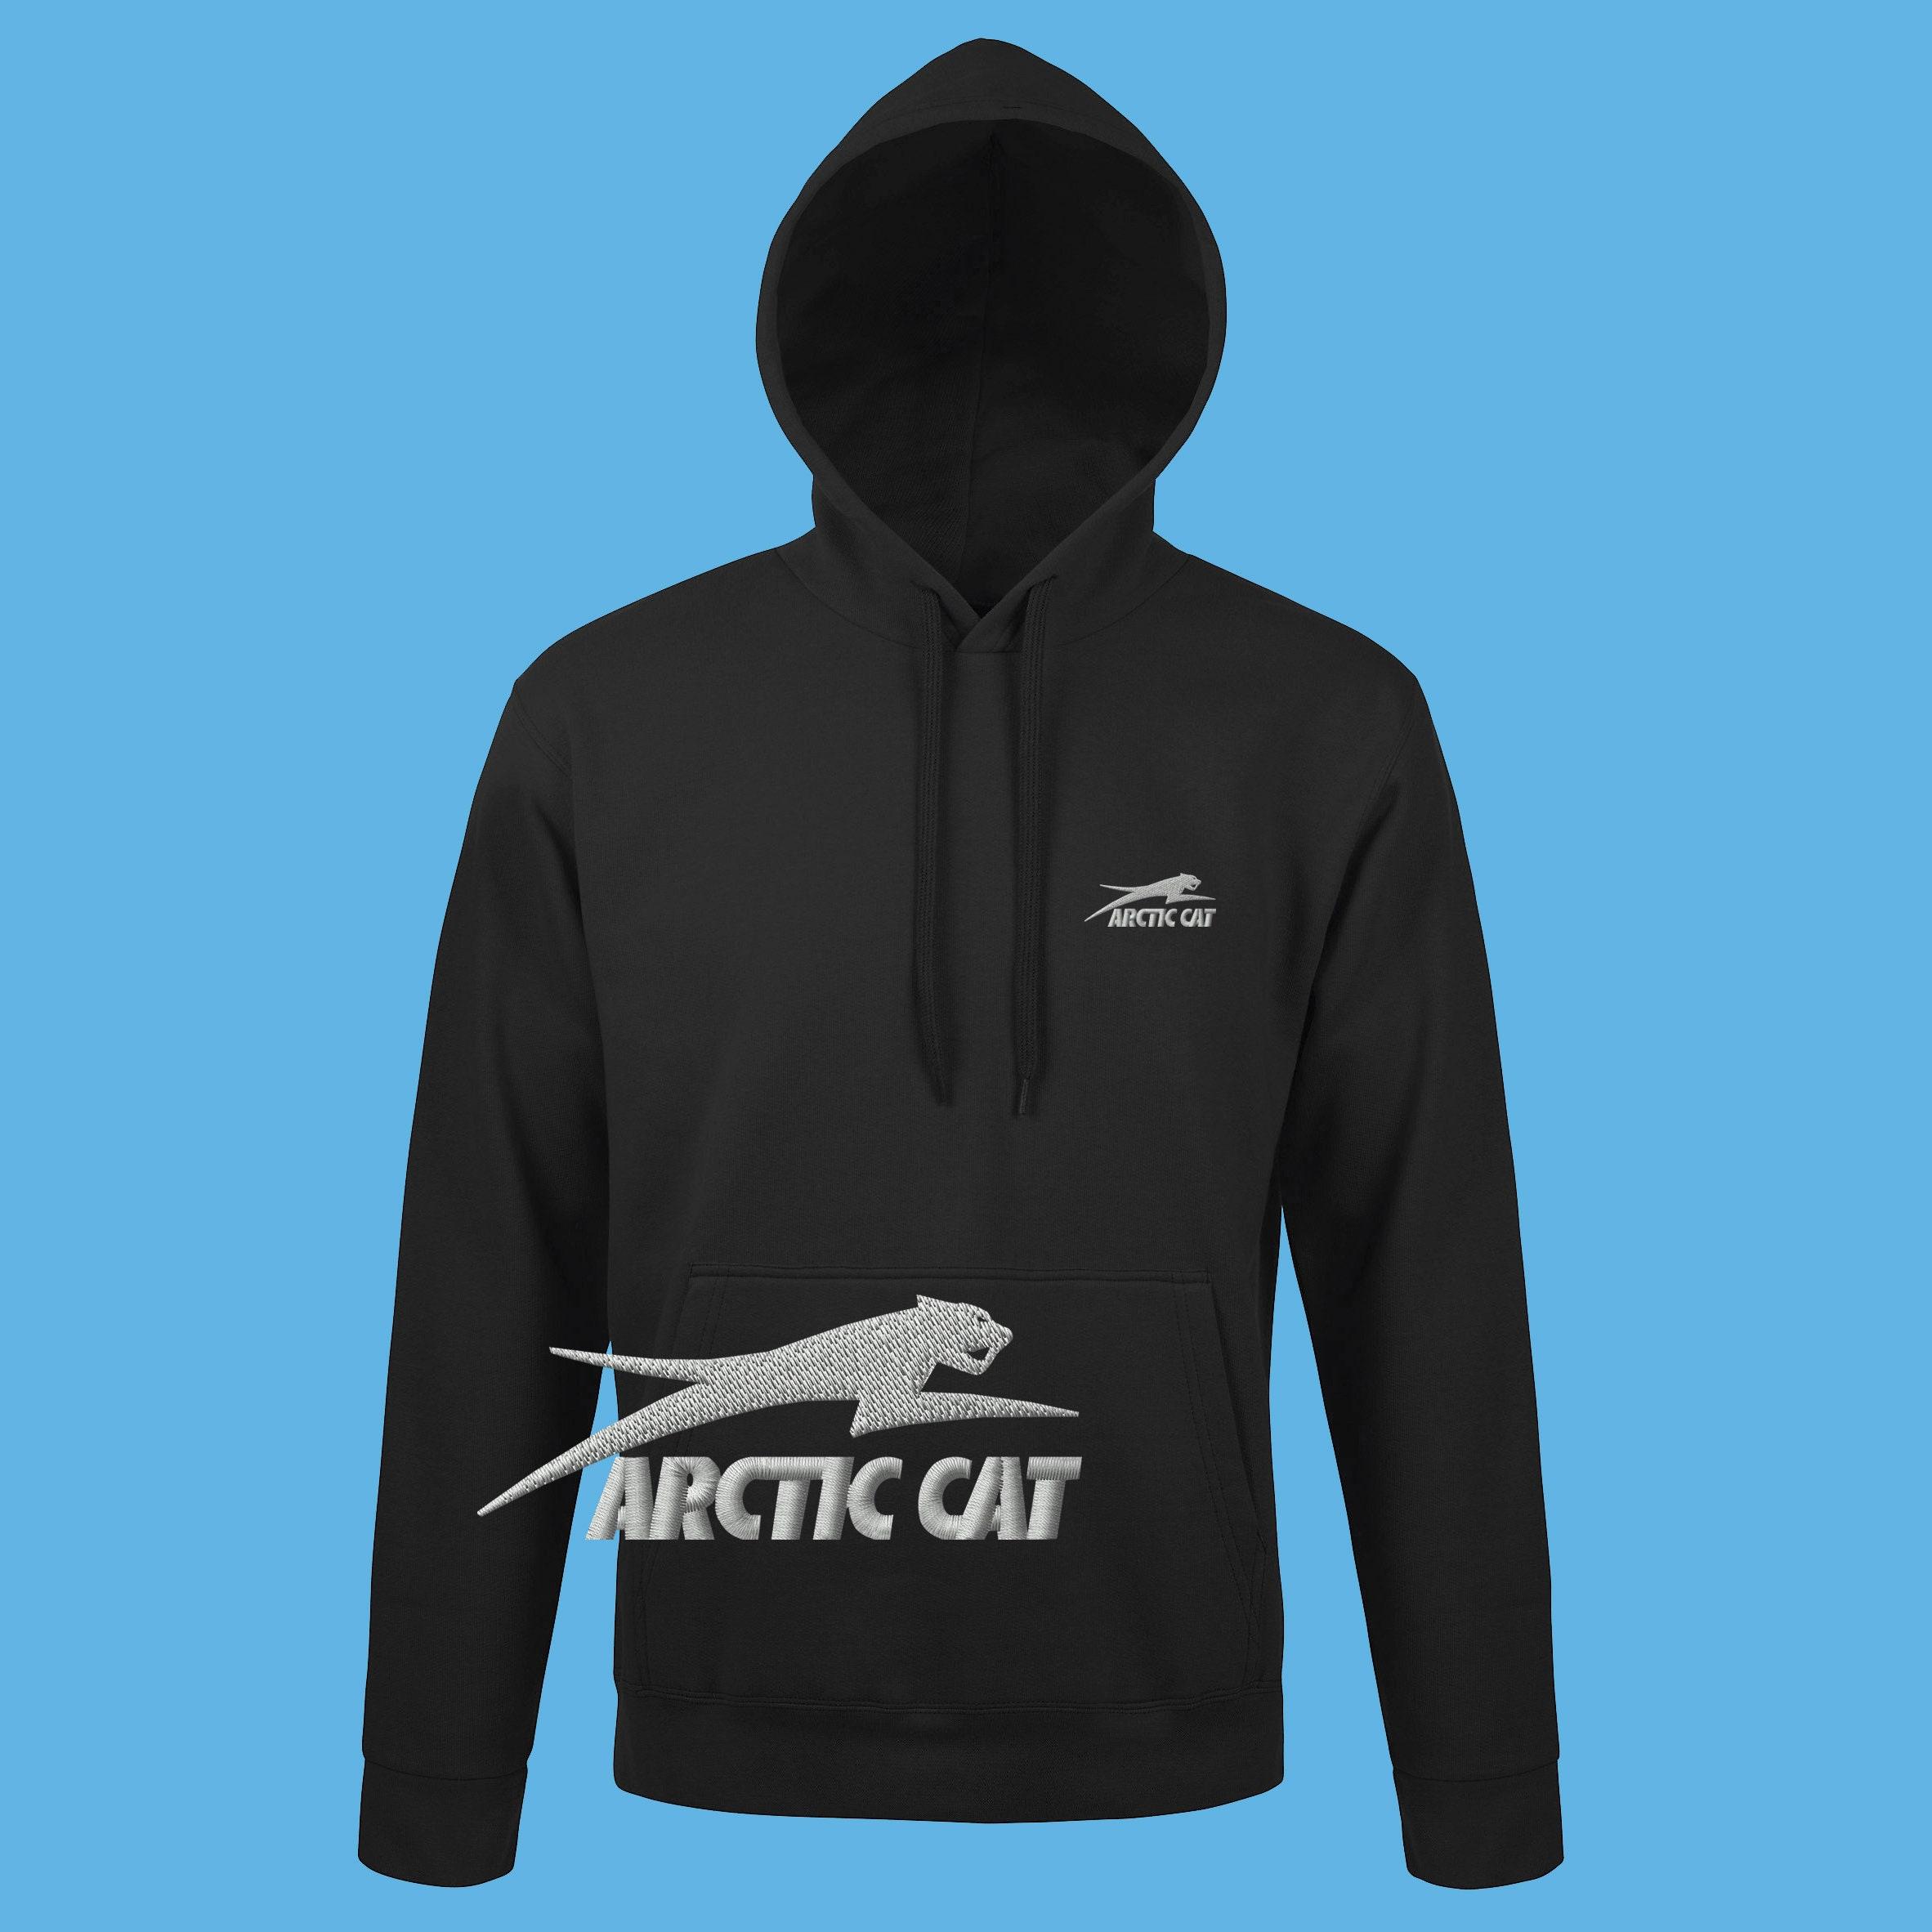 ARCTIC motoneiges CAT Hoodie motoneiges ARCTIC brodé Logo Sweatshirt noir pull à capuche T Shirt hommes femmes cadeau ami pères Noël jour de mère d8ef15